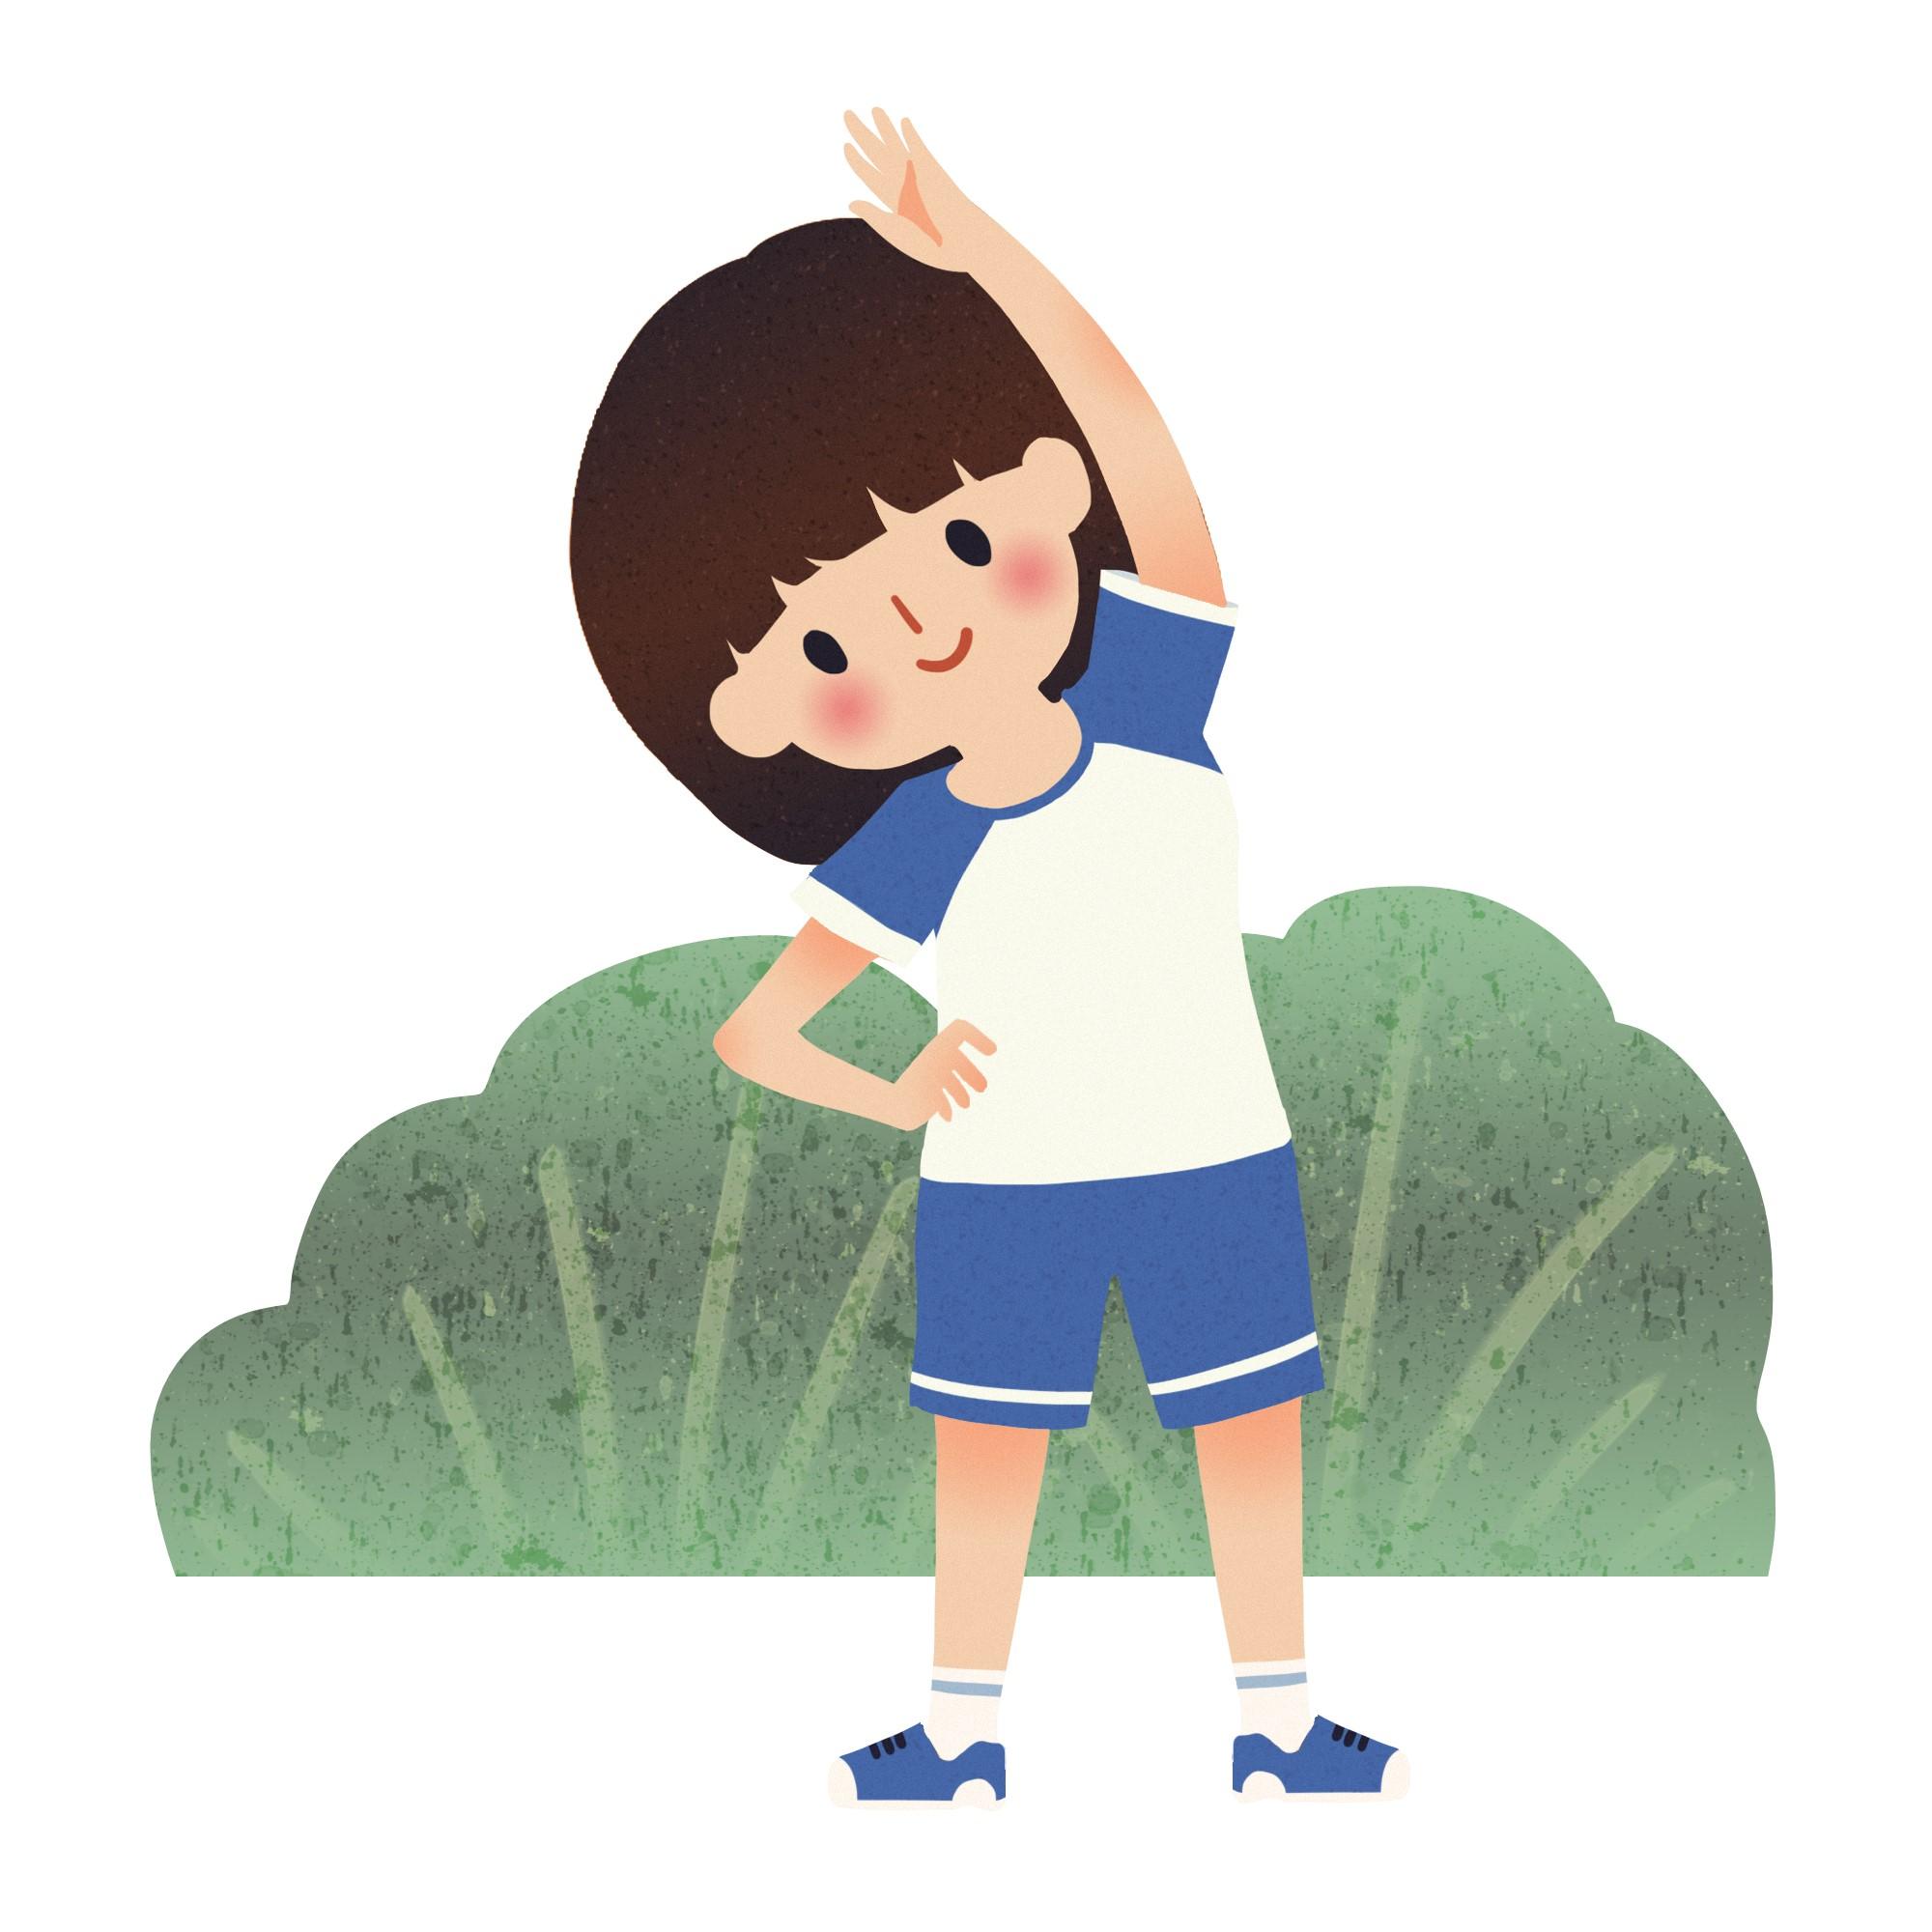 应对疲劳的7个建议(1):运动